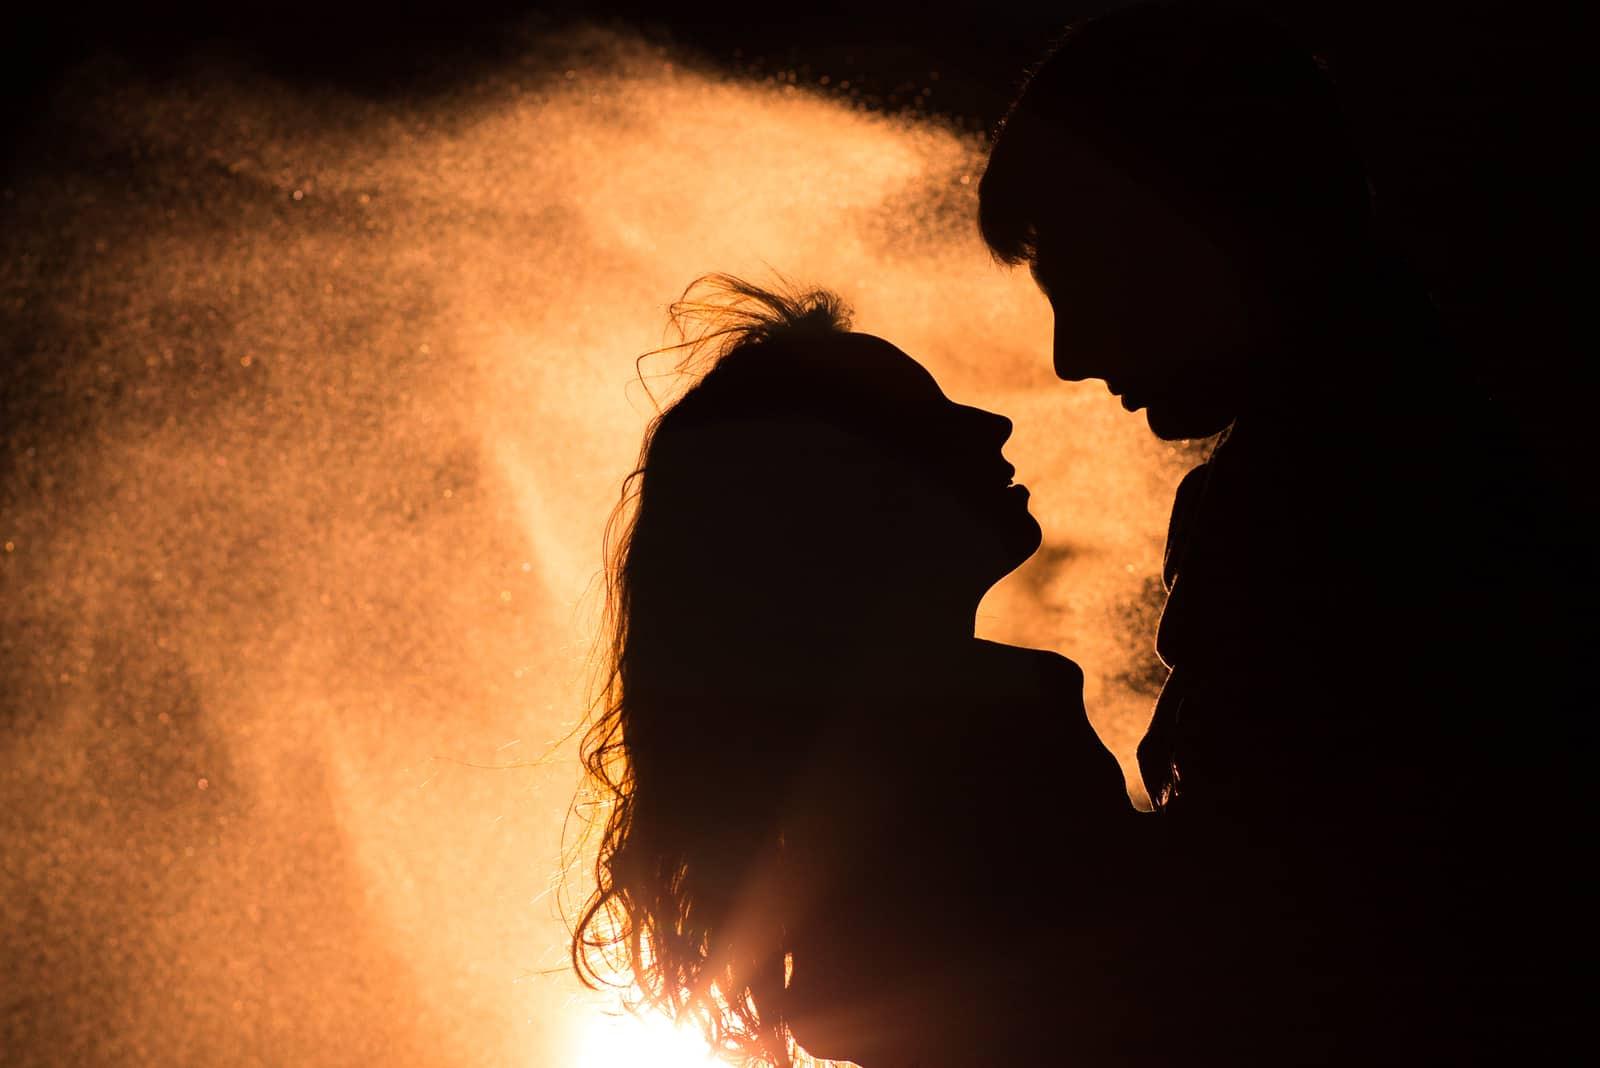 die Silhouette eines liebenden Paares in einer Umarmung